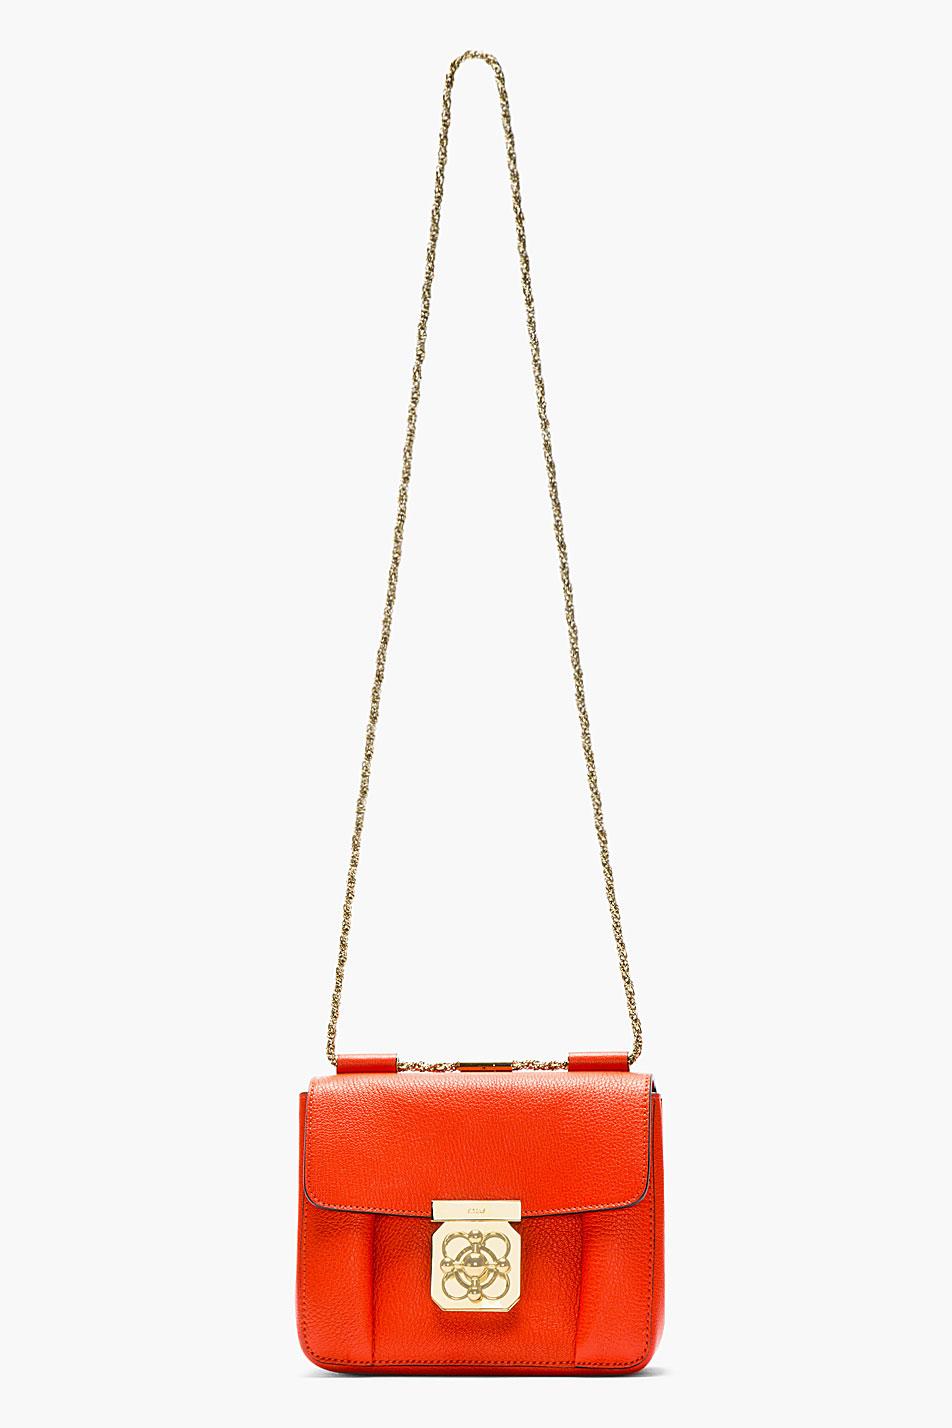 chloe handbags cheap - elsie bag in grained leather